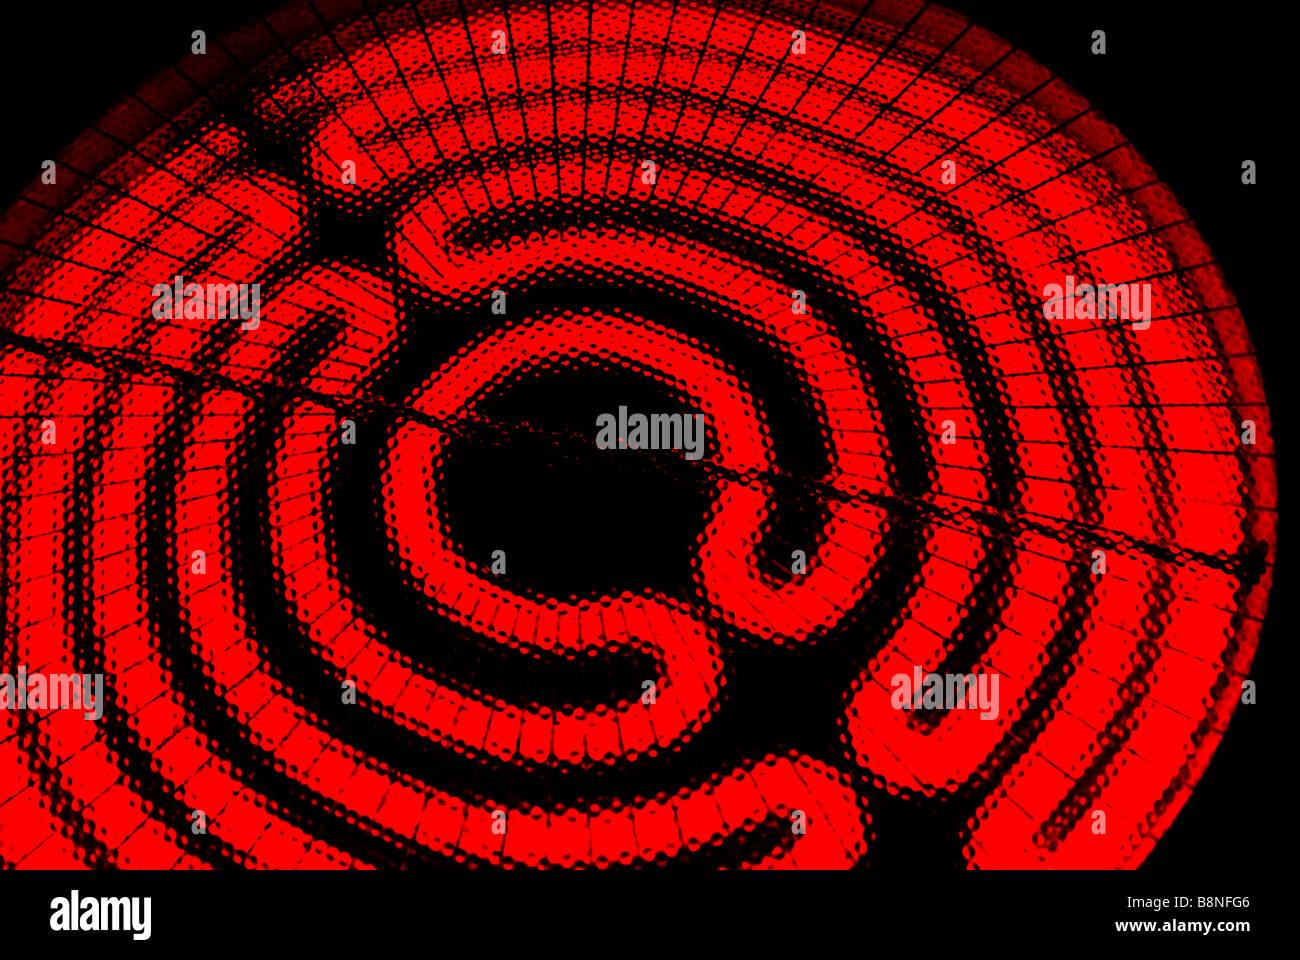 Leuchtend rot, heiß, elektrische Reichweite Kochfeld Brenner Element Heizregister. Stockbild